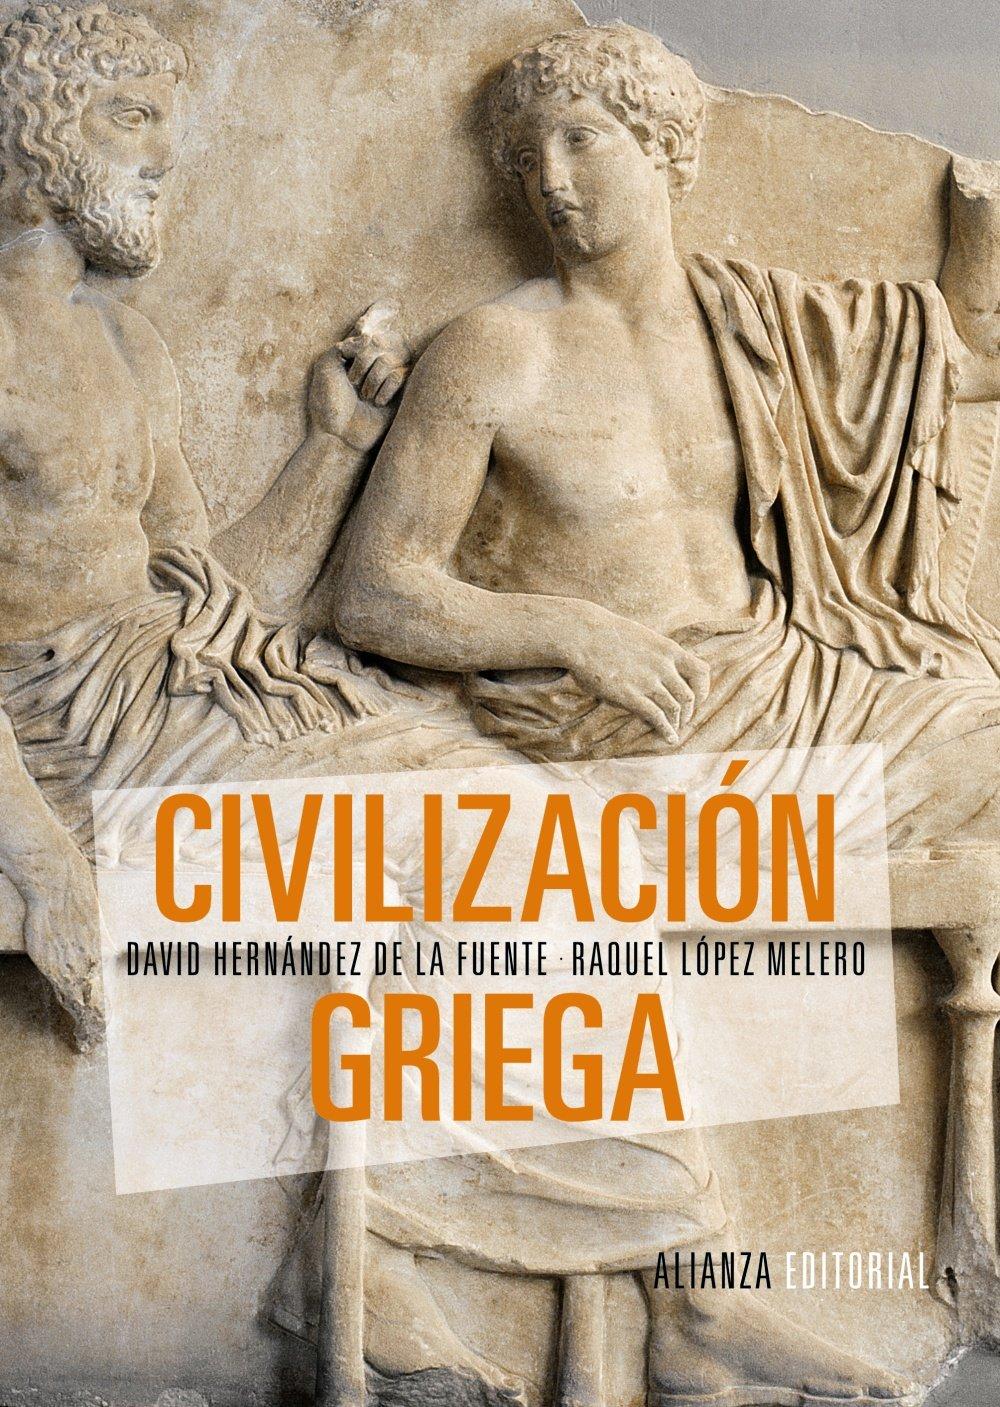 Civilización griega (El Libro Universitario - Manuales) Tapa blanda – 16 oct 2014 David Hernández de la Fuente Raquel López Melero Alianza Editorial 842069343X